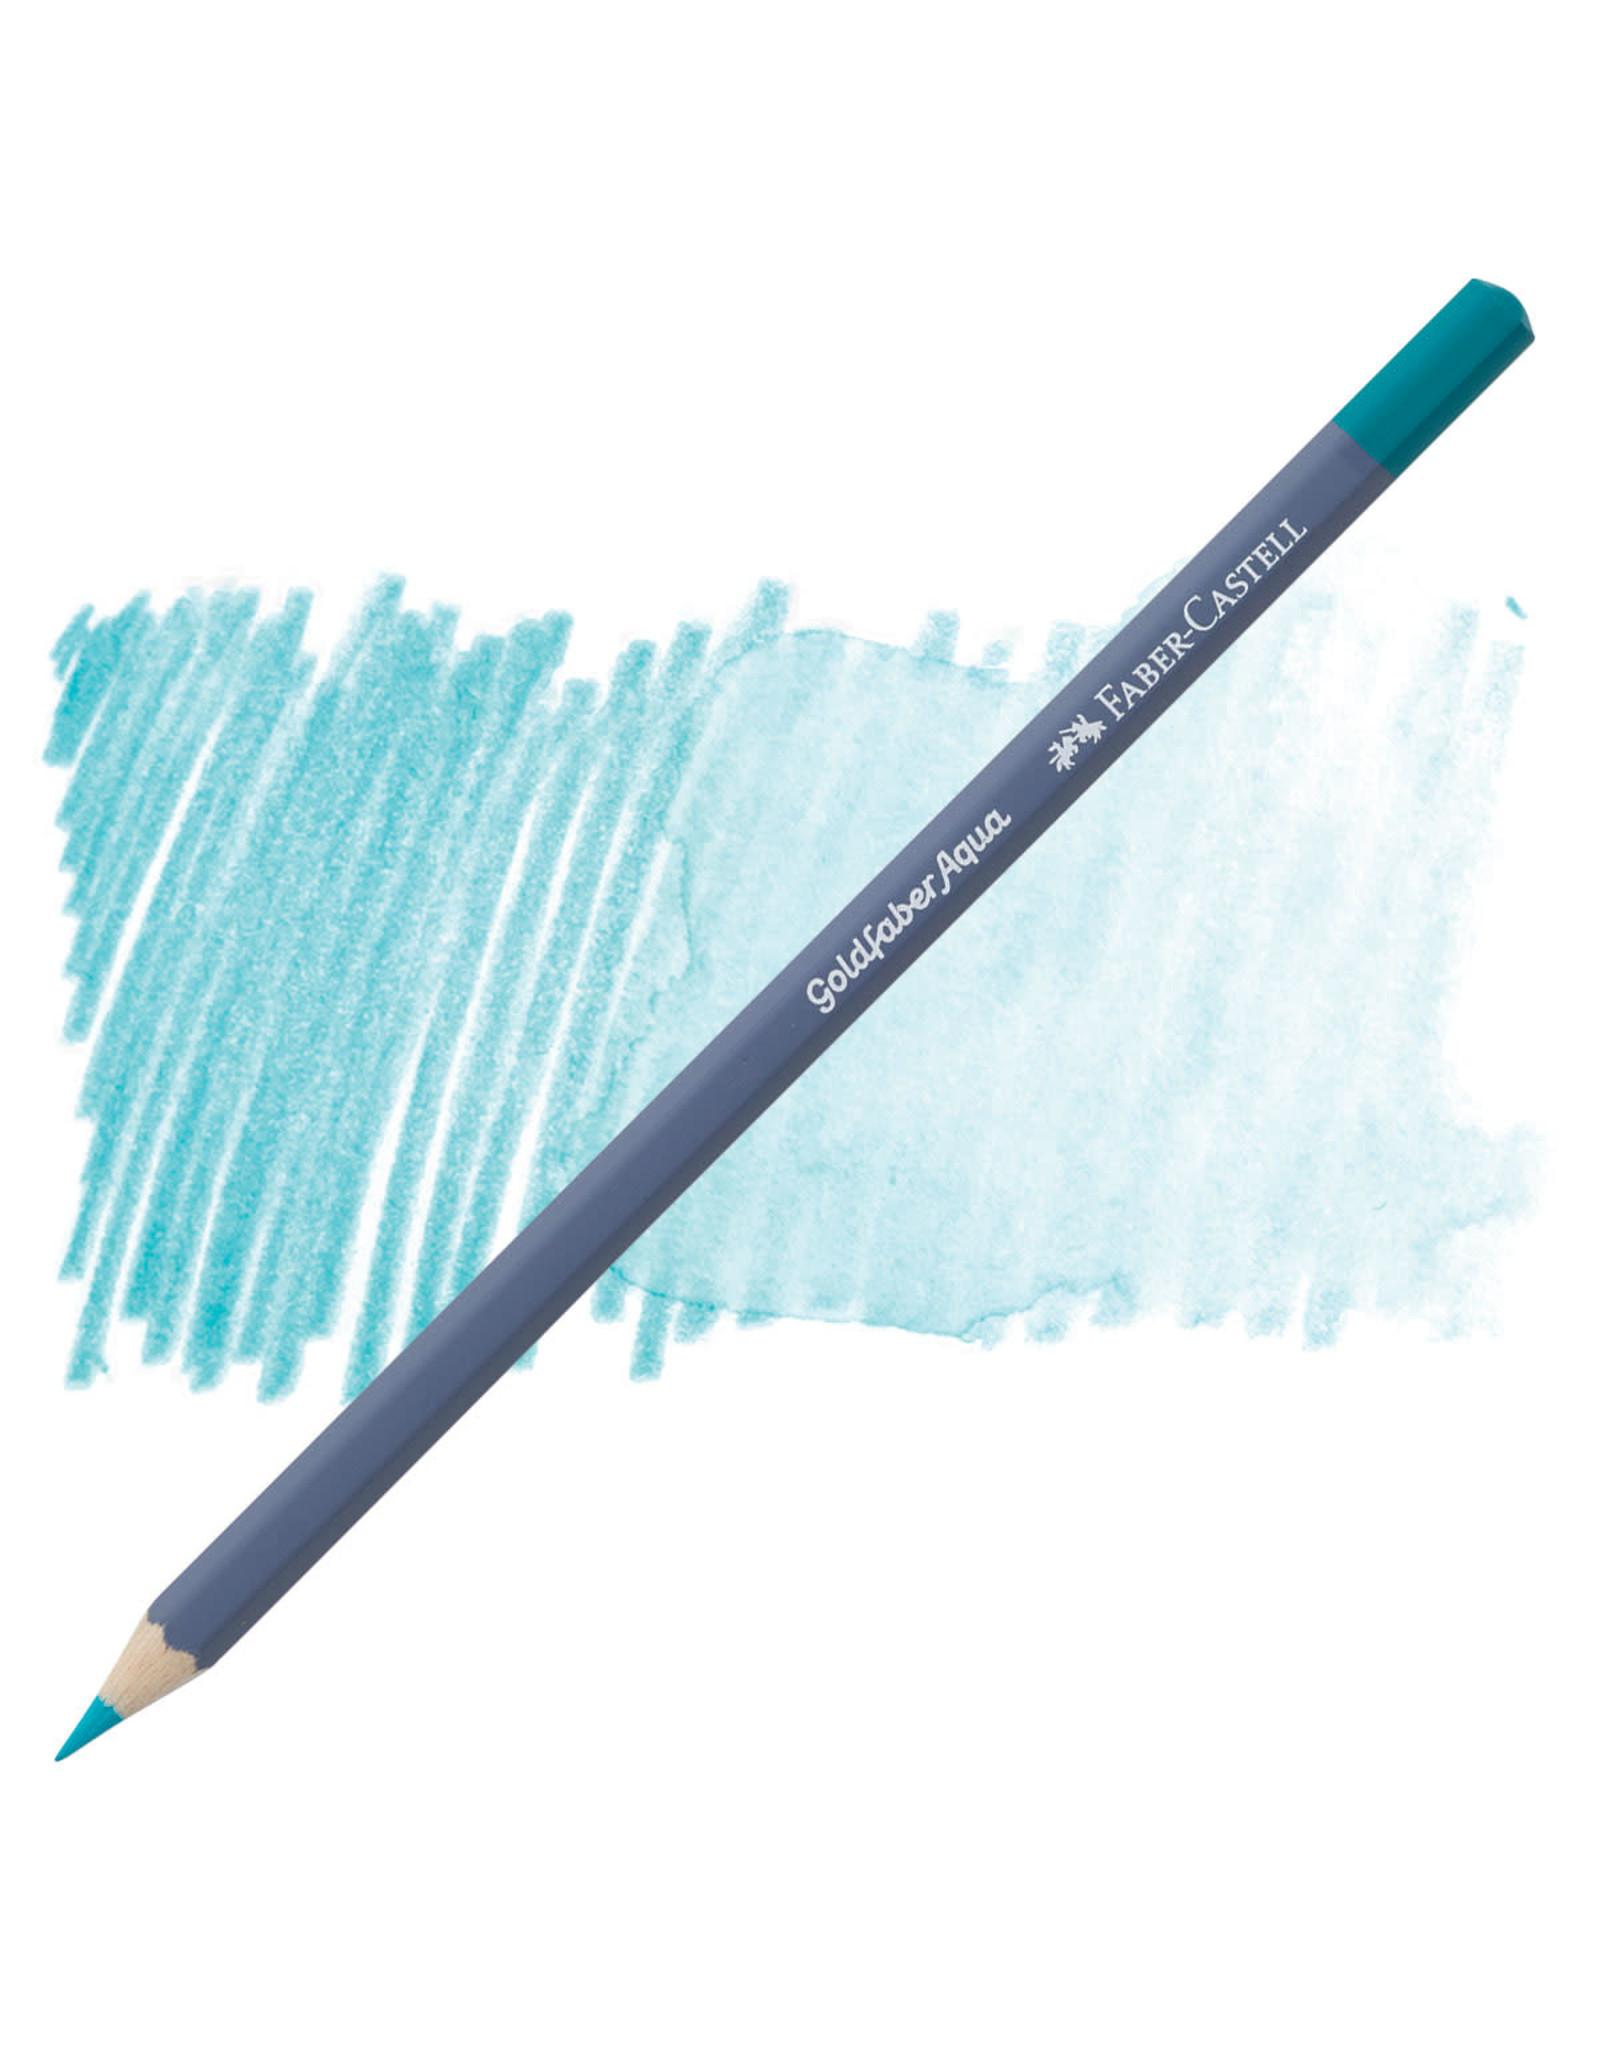 Faber-Castell Goldfaber Aqua Watercolor Pencil - Light Cobalt Turquoise #154